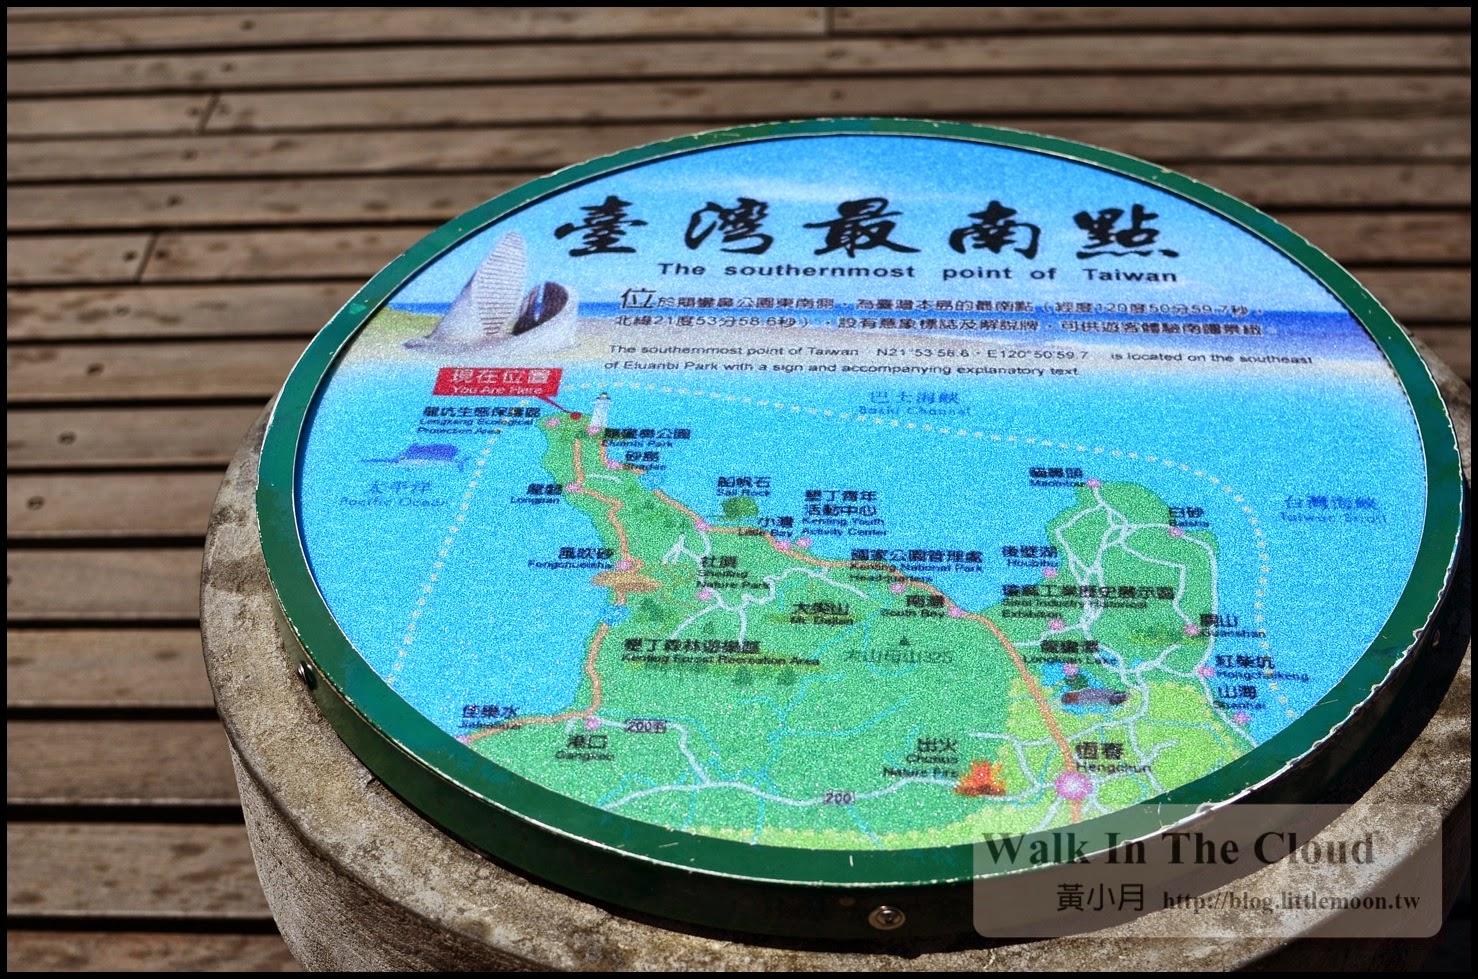 終於到達的台灣最南點